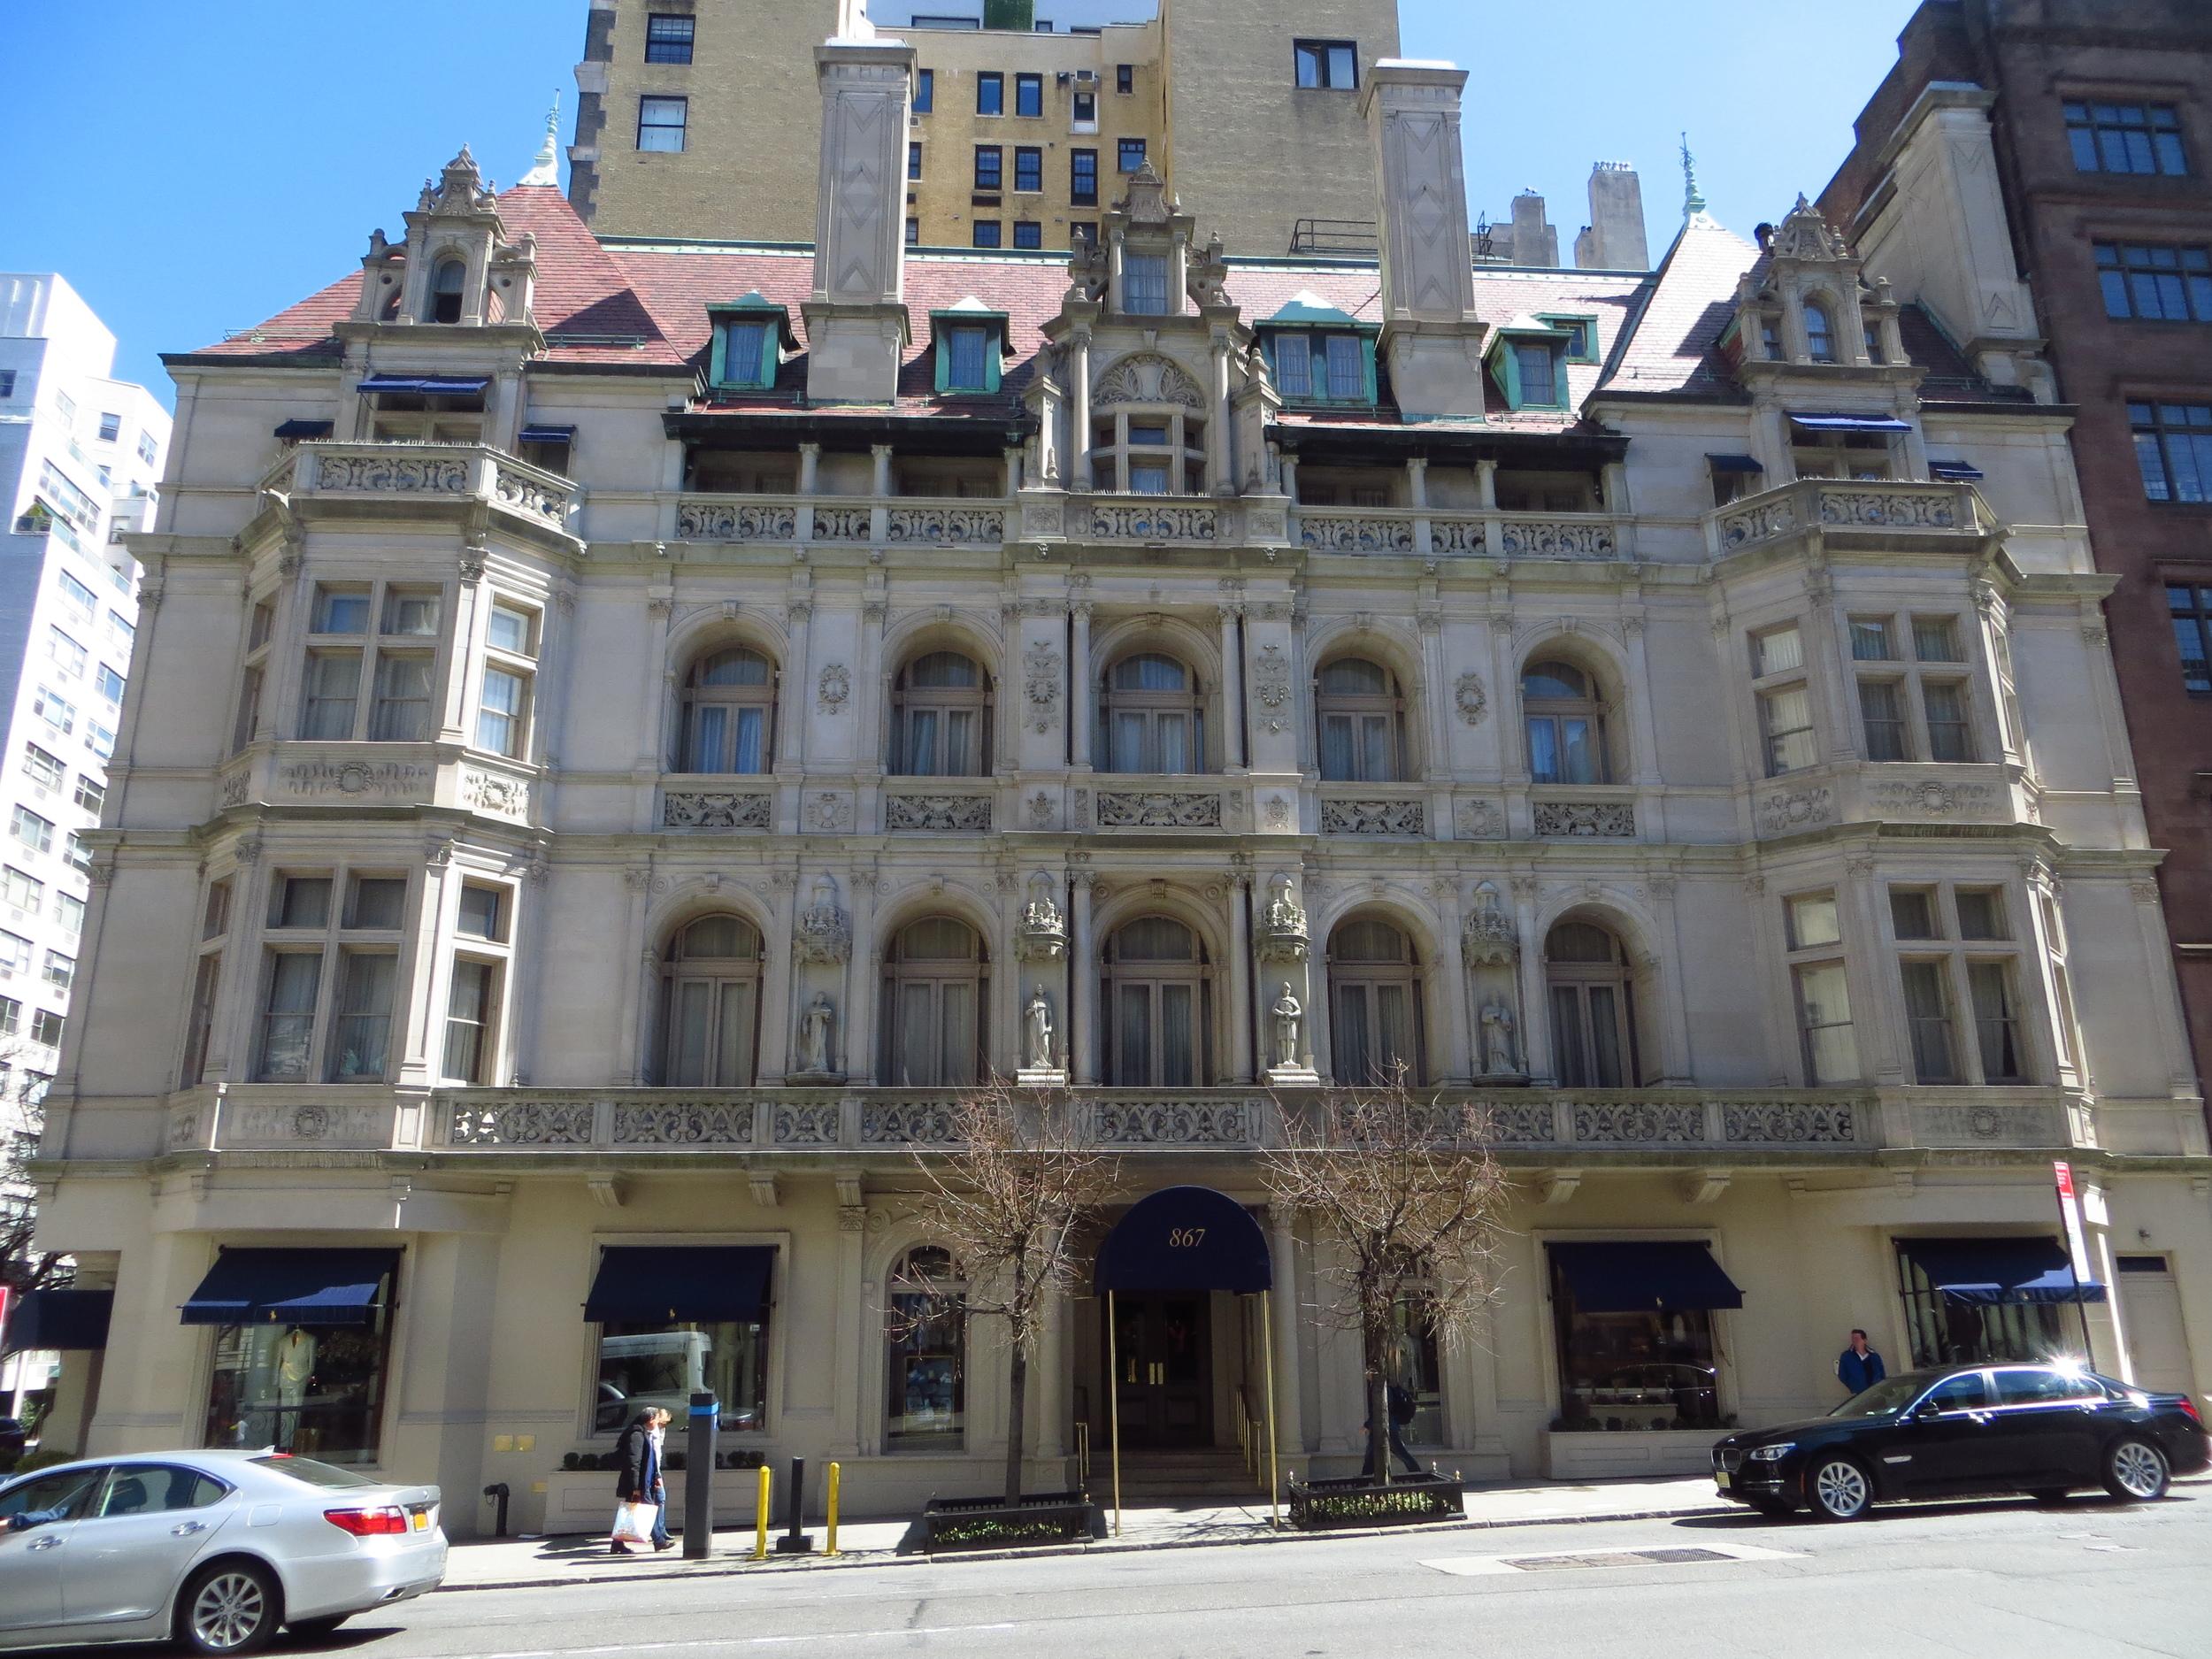 Rhinelander Mansion - it's the Ralph Lauren flagship store now